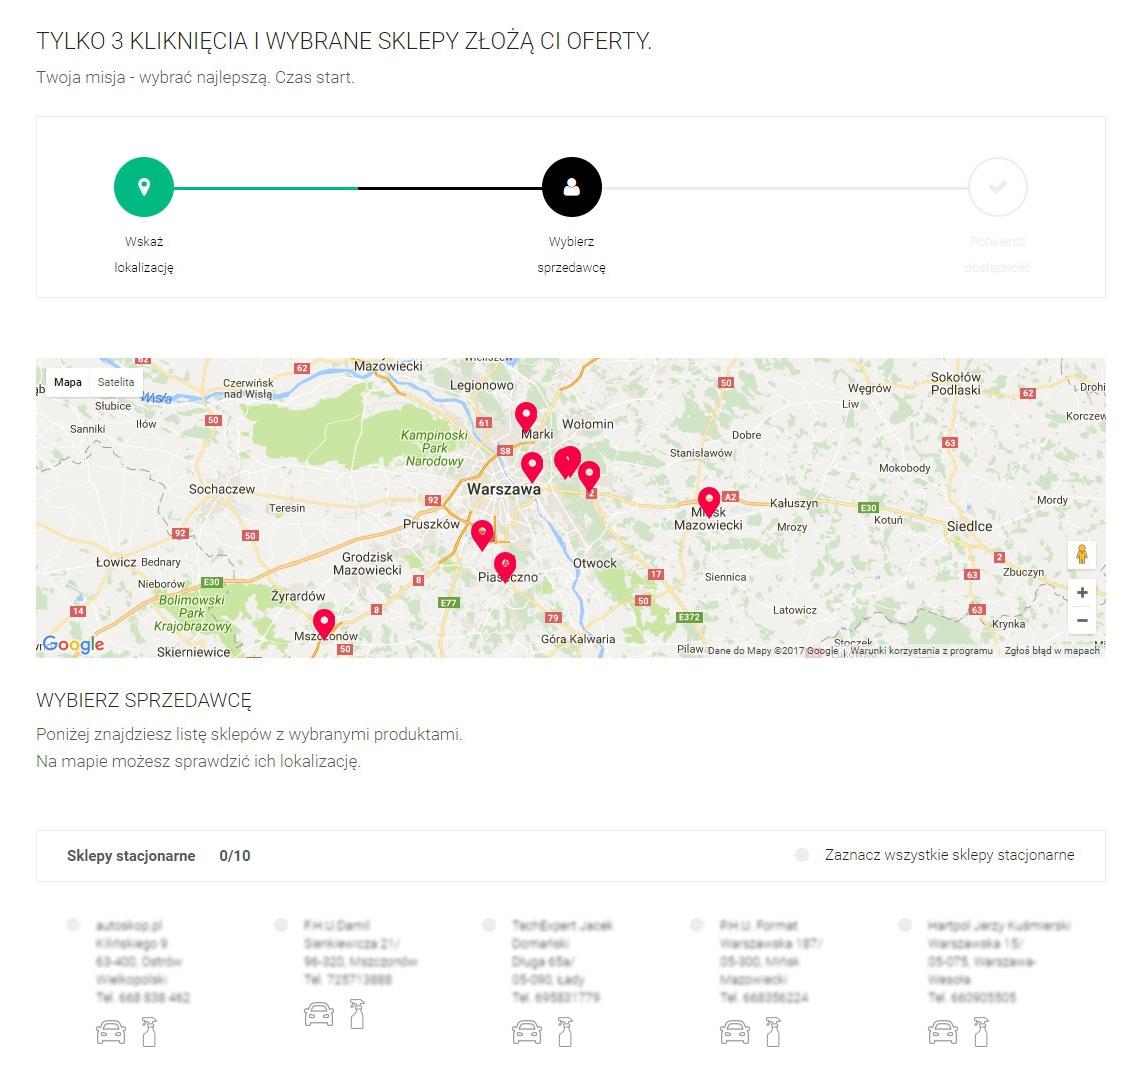 wyszukiwarka punktów, sklepów, które sprzedają produkty K2